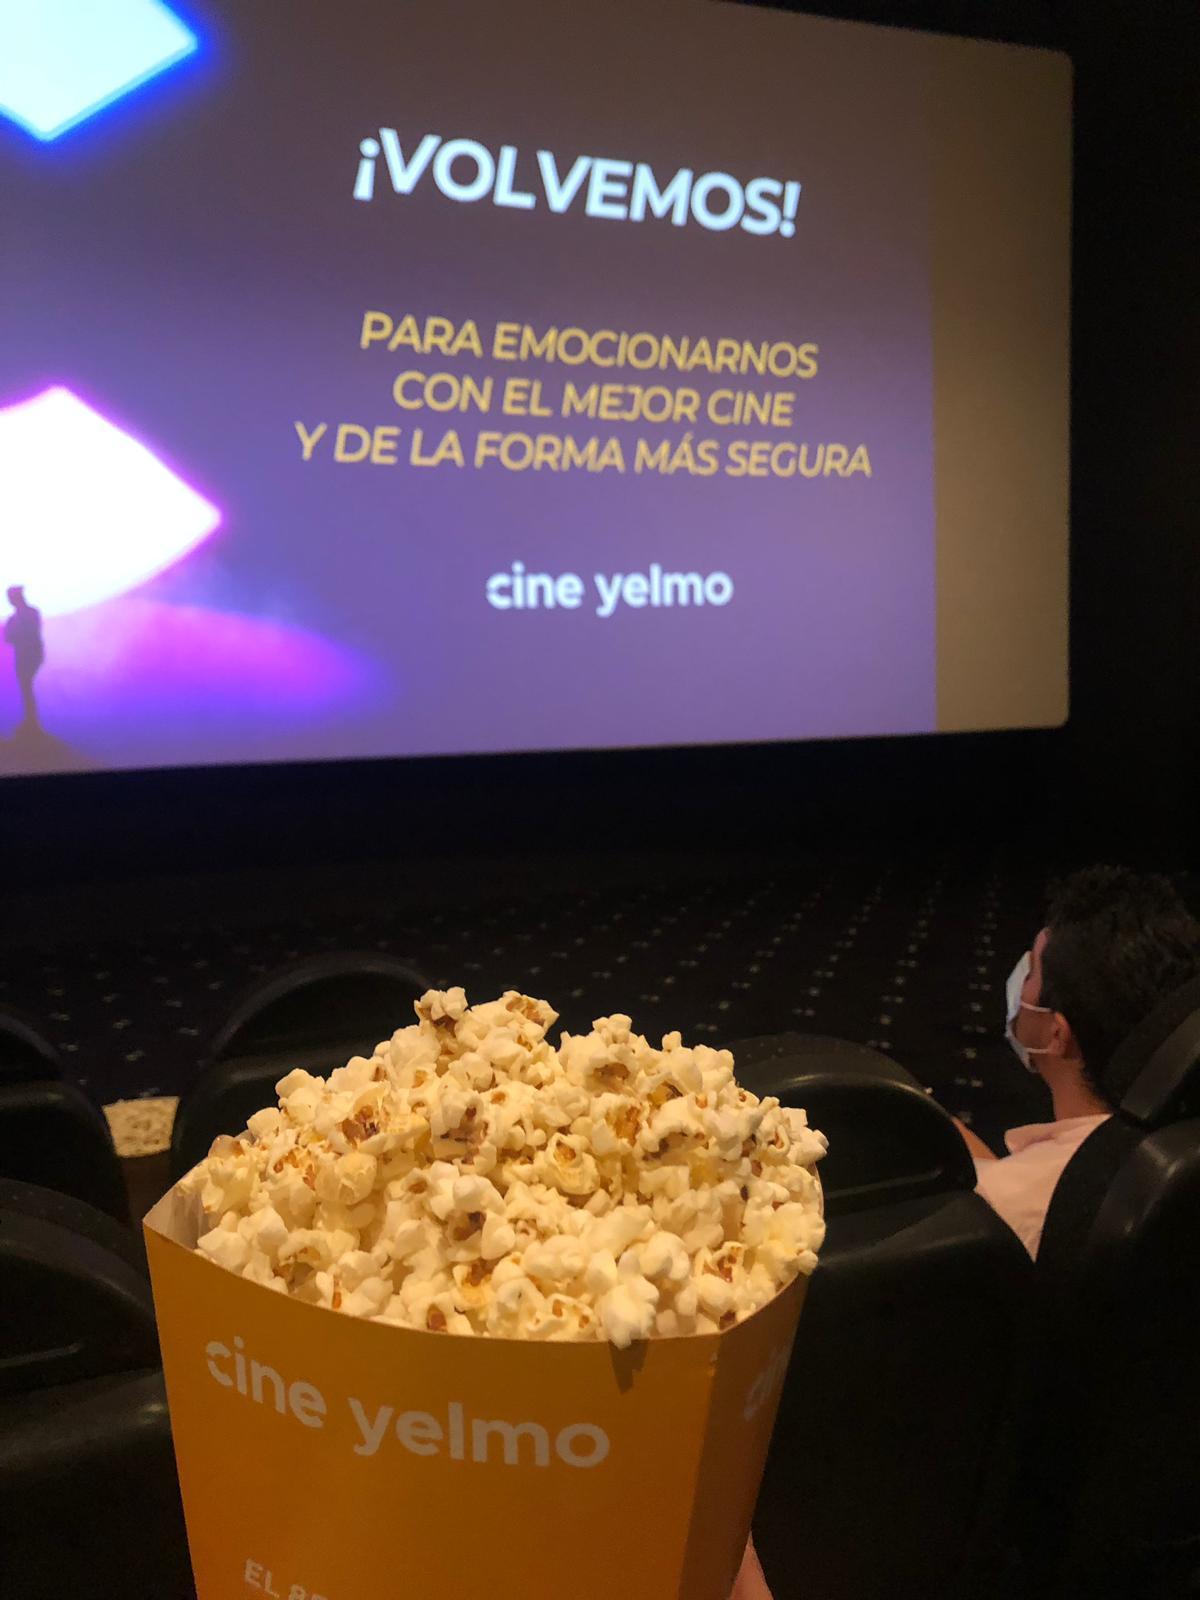 Dentro de la sala de cine puedes sentarte con tus acompañantes, pero debes guardar la distancia de seguridad con otros grupos de espectadores.